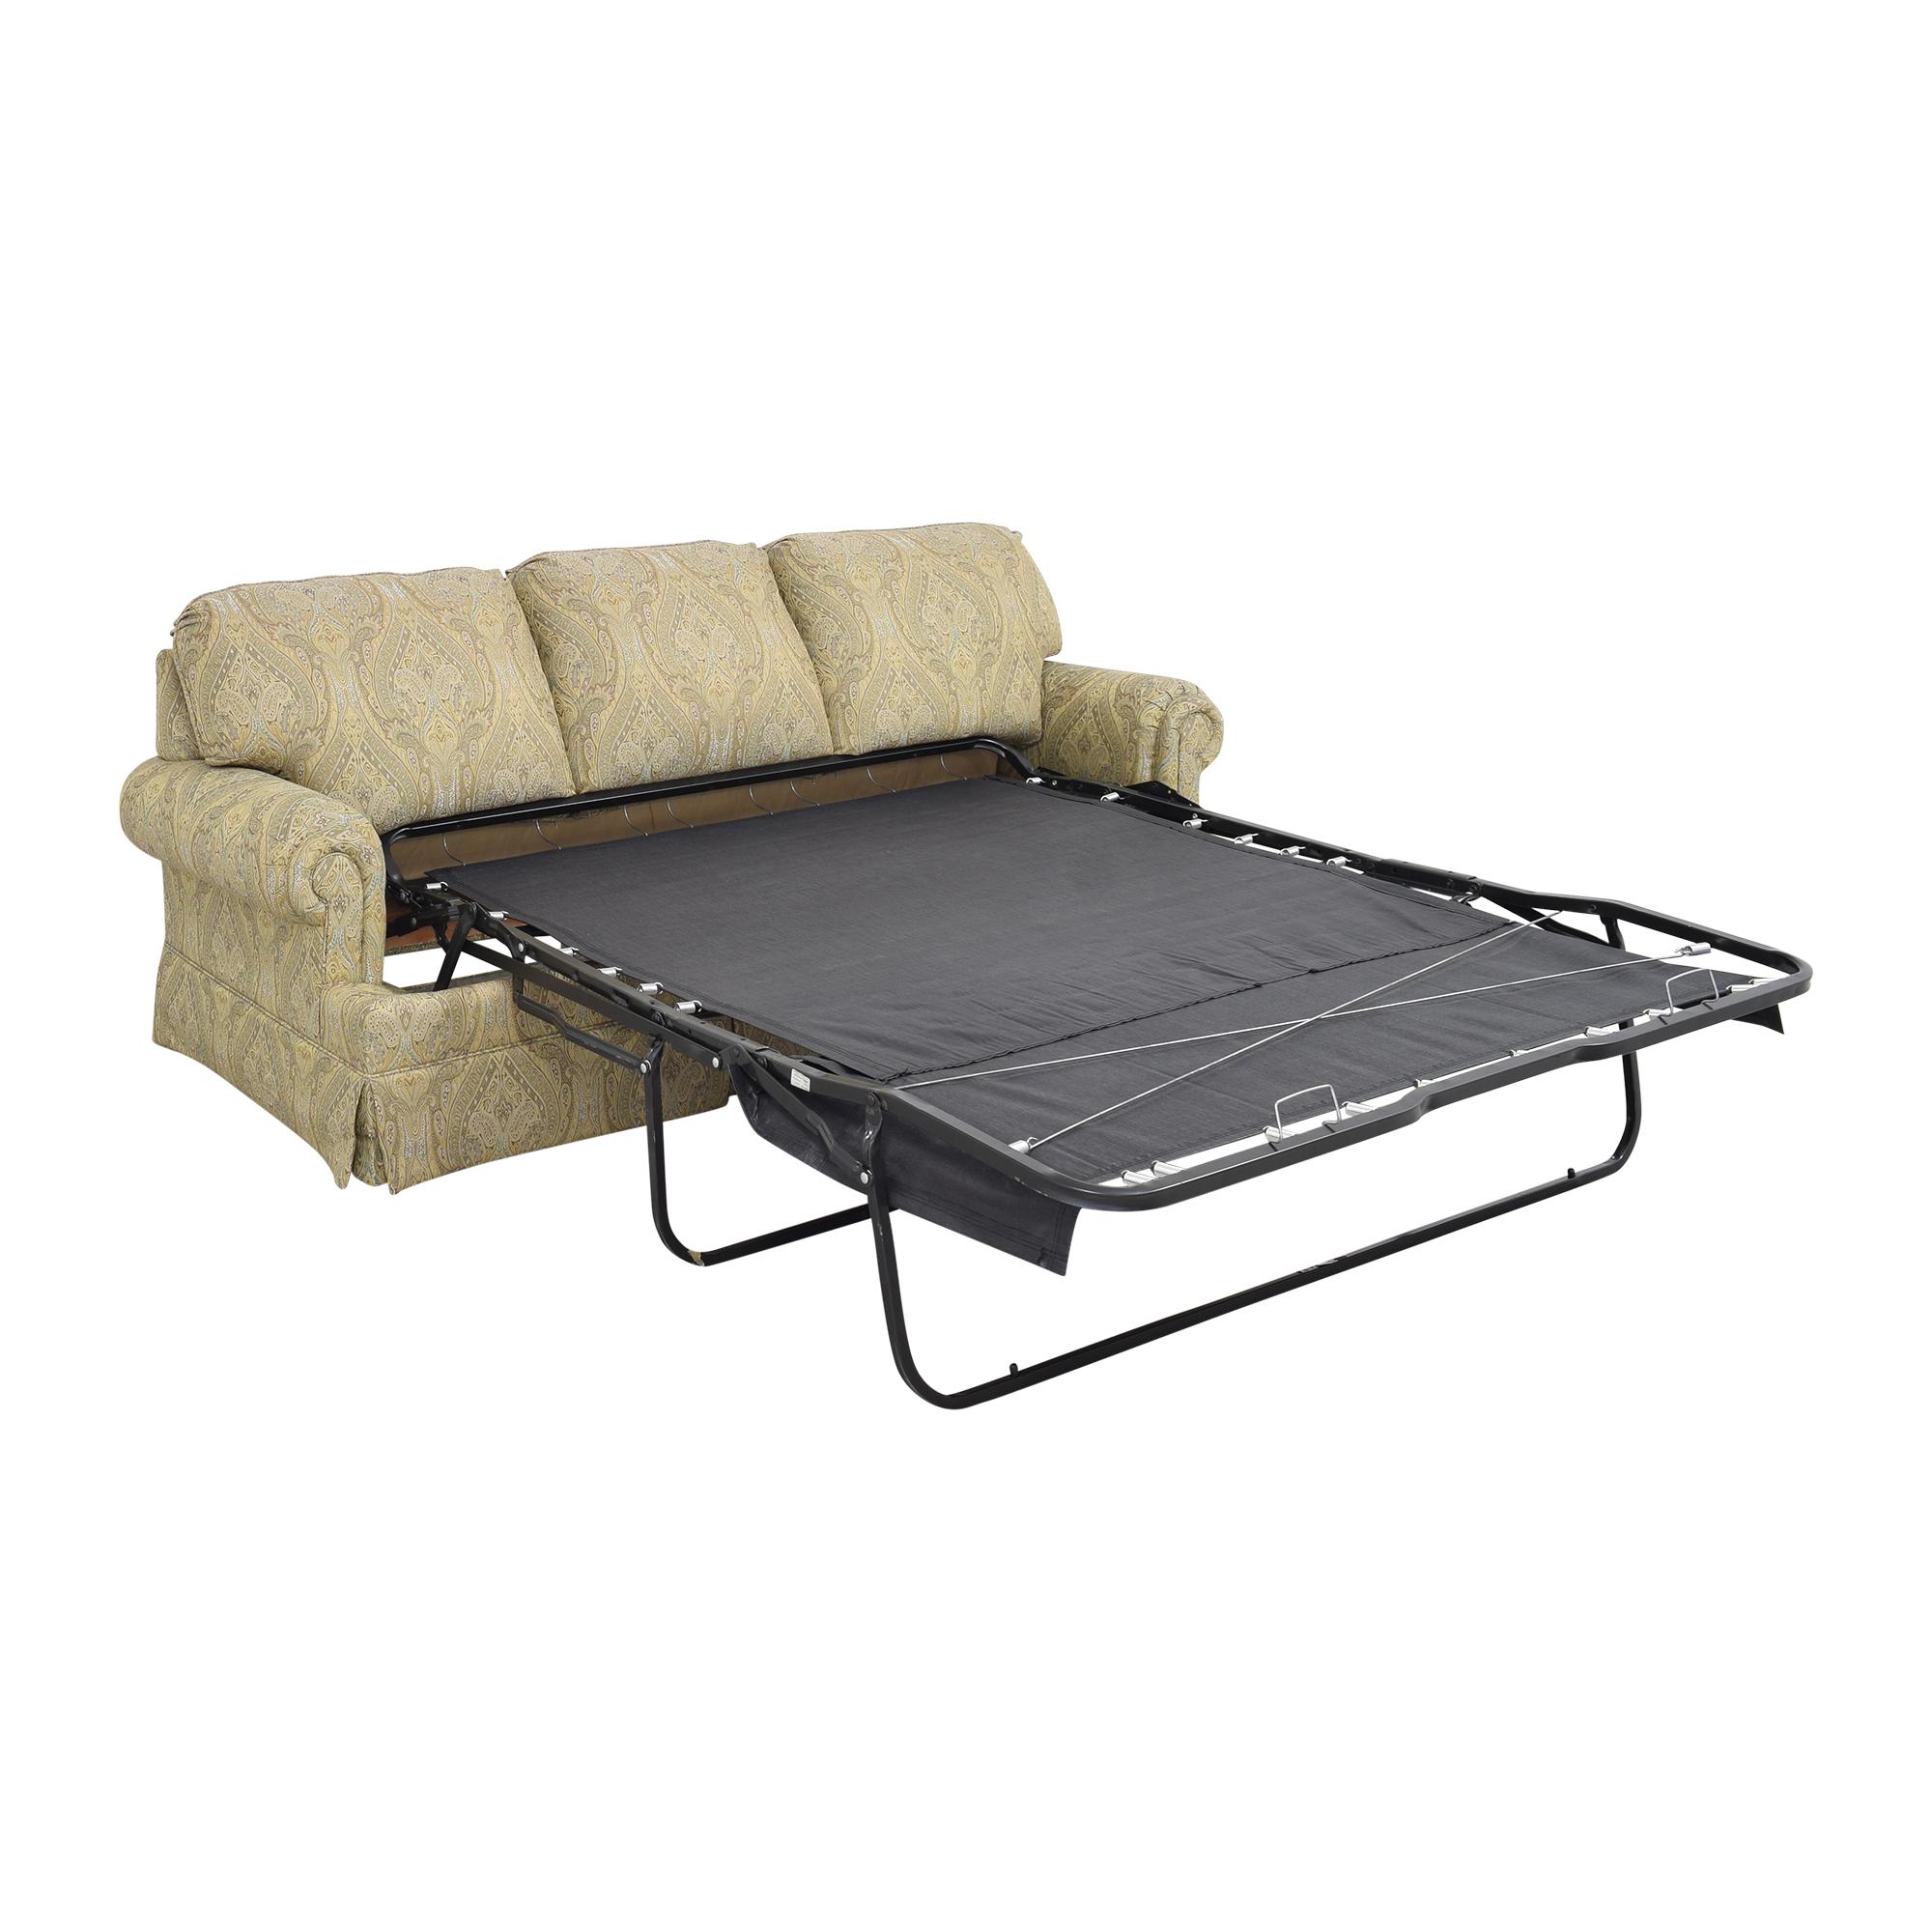 Thomasville Thomasville Paisley Three Cushion Sleeper Sofa ct